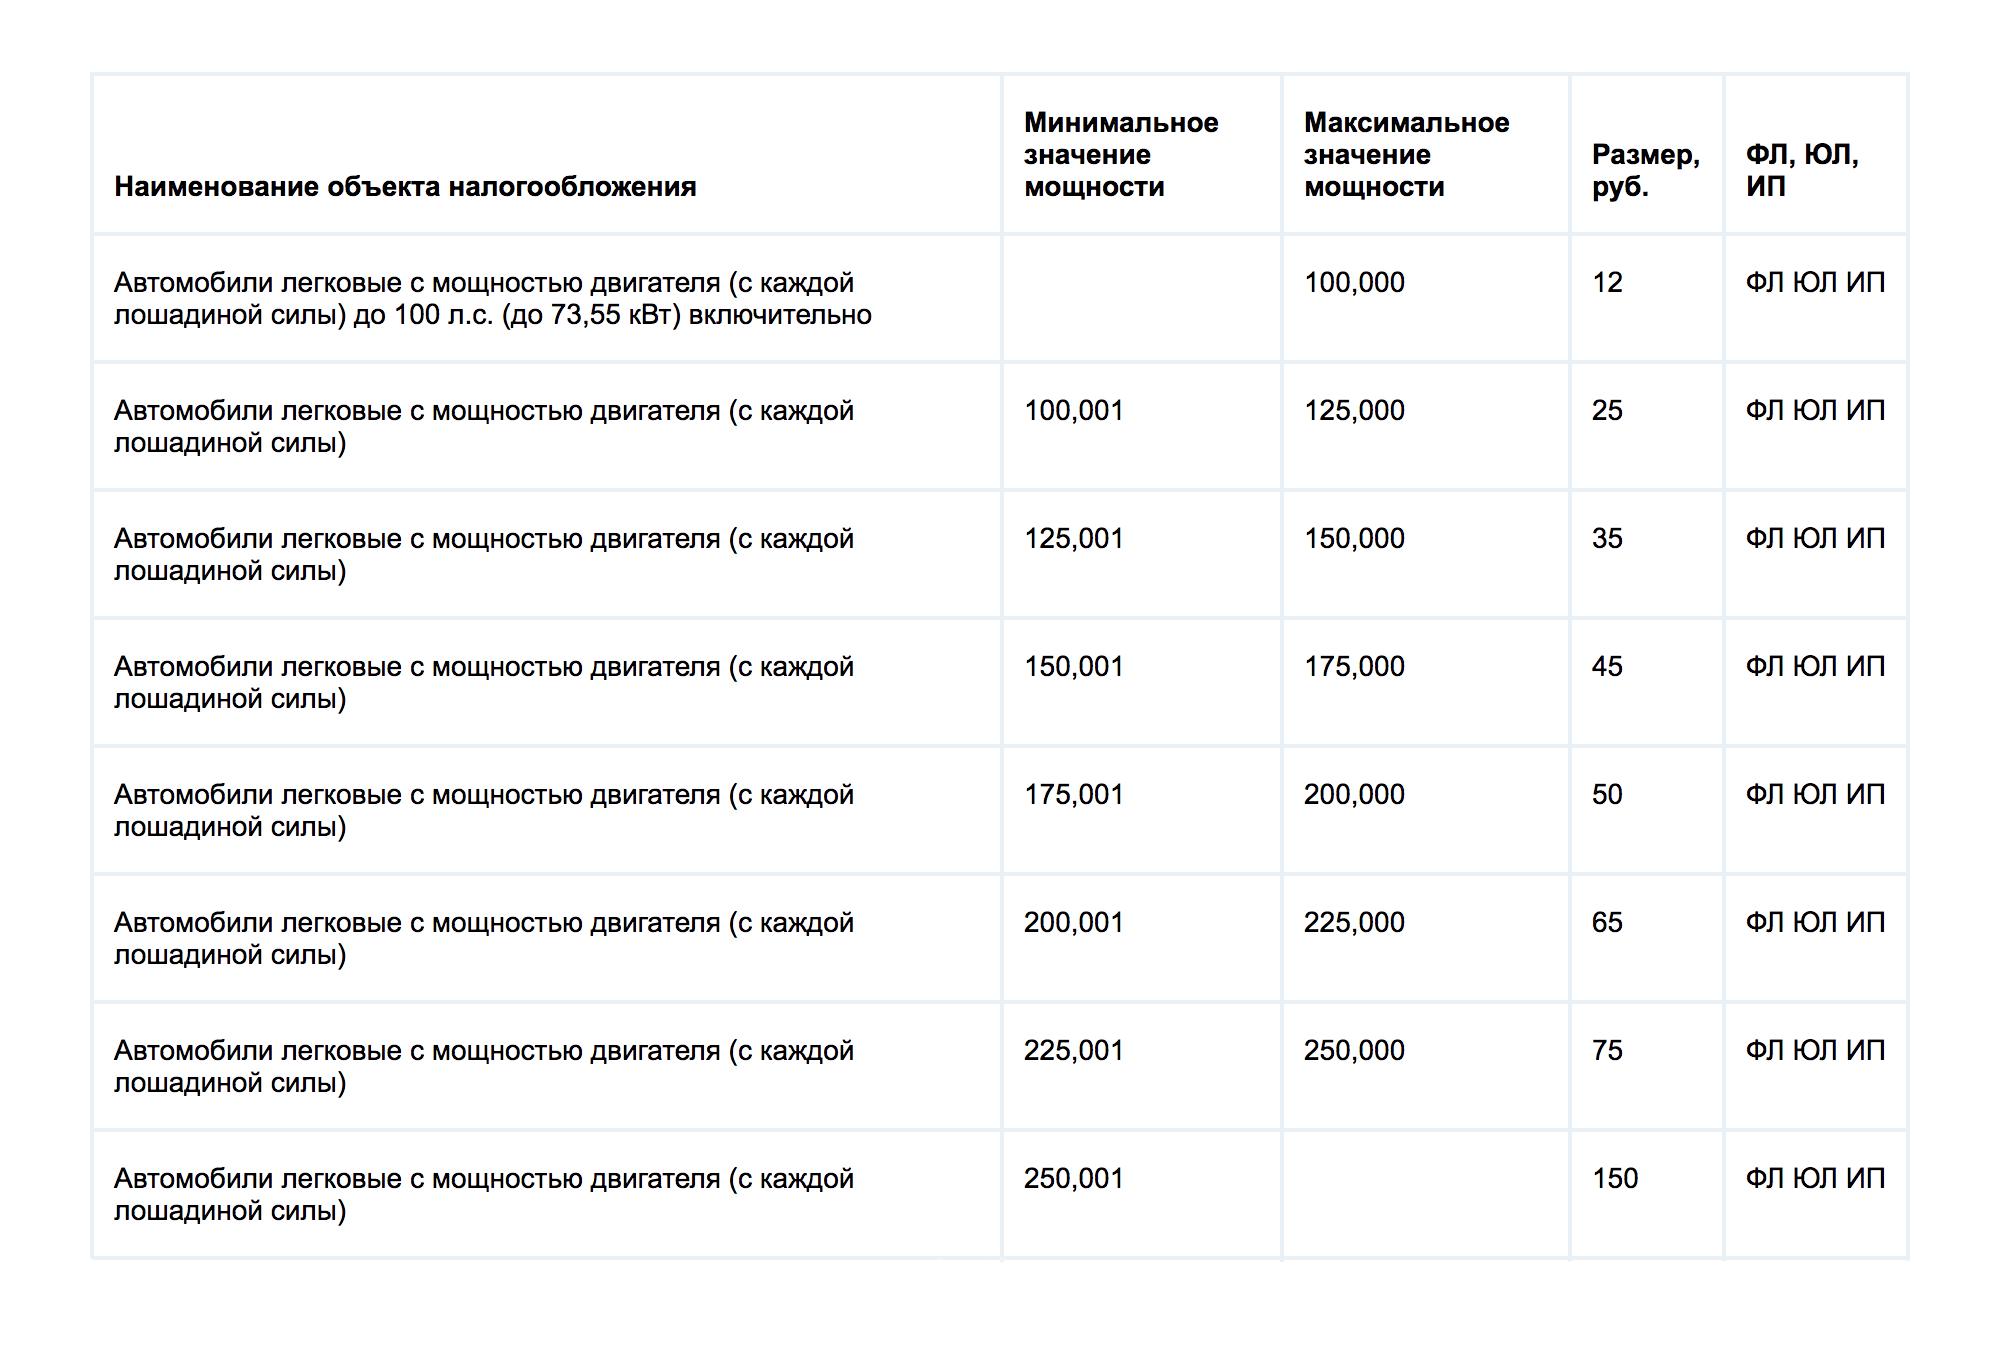 Ставки транспортного налога в 2017 году для легковых автомобилей в Москве